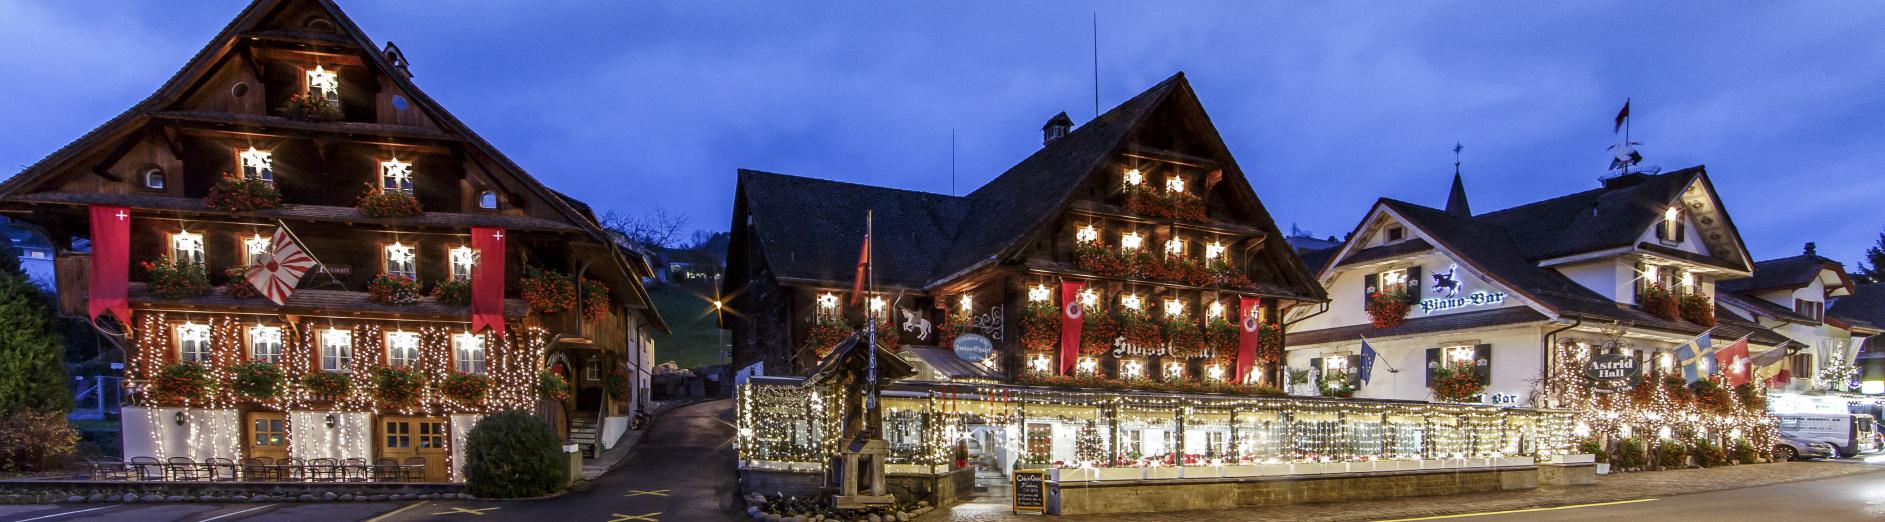 Entstehung Von Weihnachten.Weihnachten Swiss Chalet Merlischachen